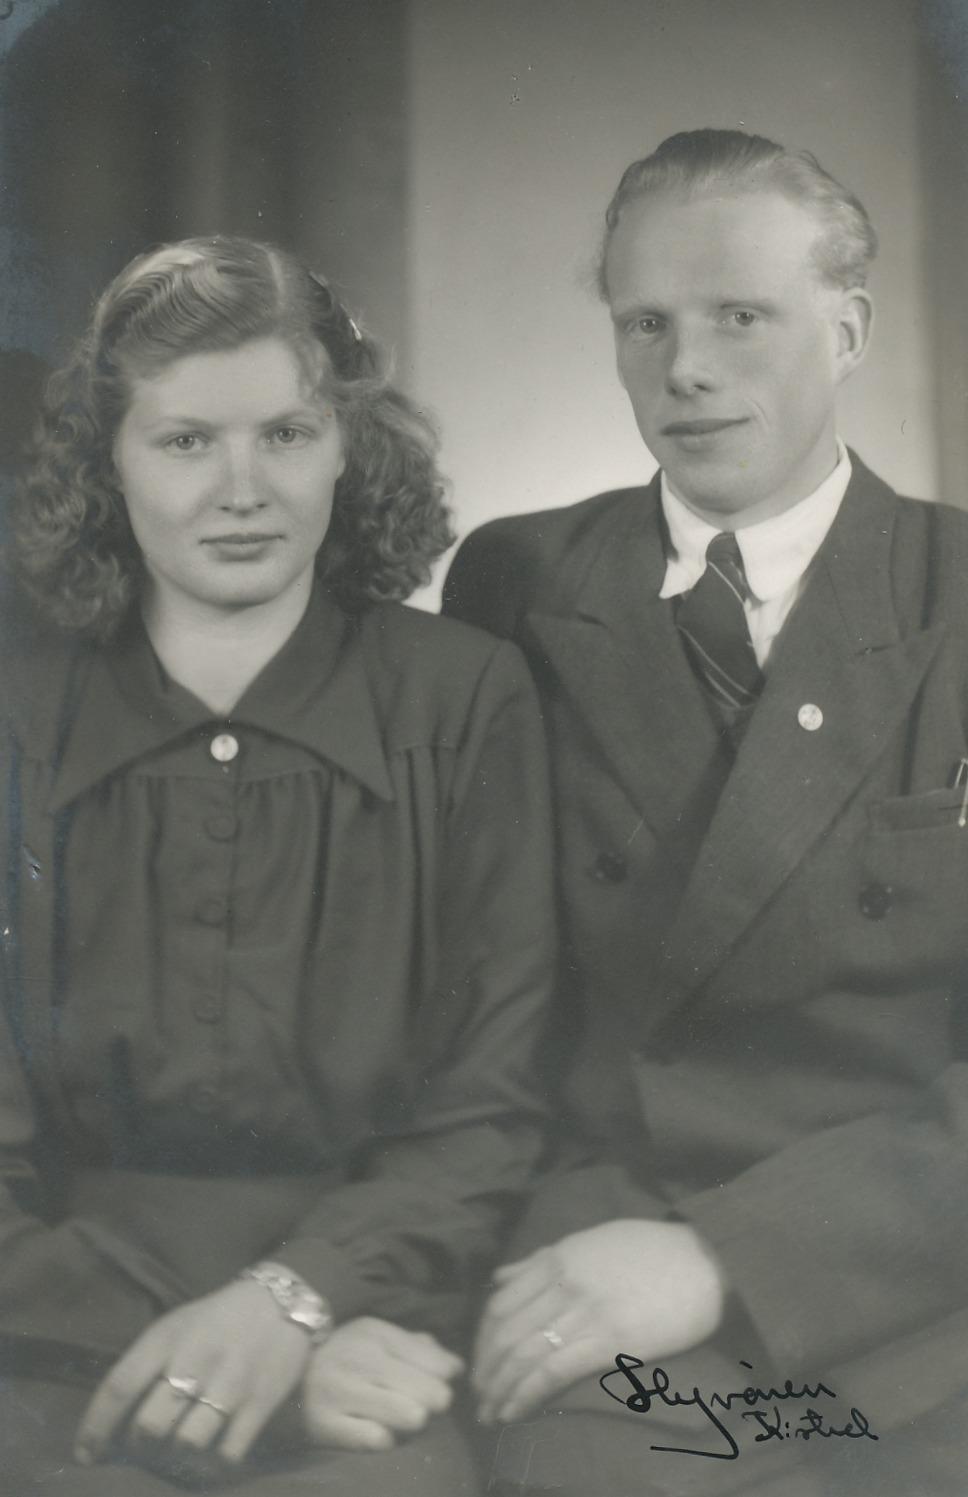 År 1951 förlovade sig Lilli Blomkvist med bondesonen Birger Lindbäck från Langåsin i Perus.